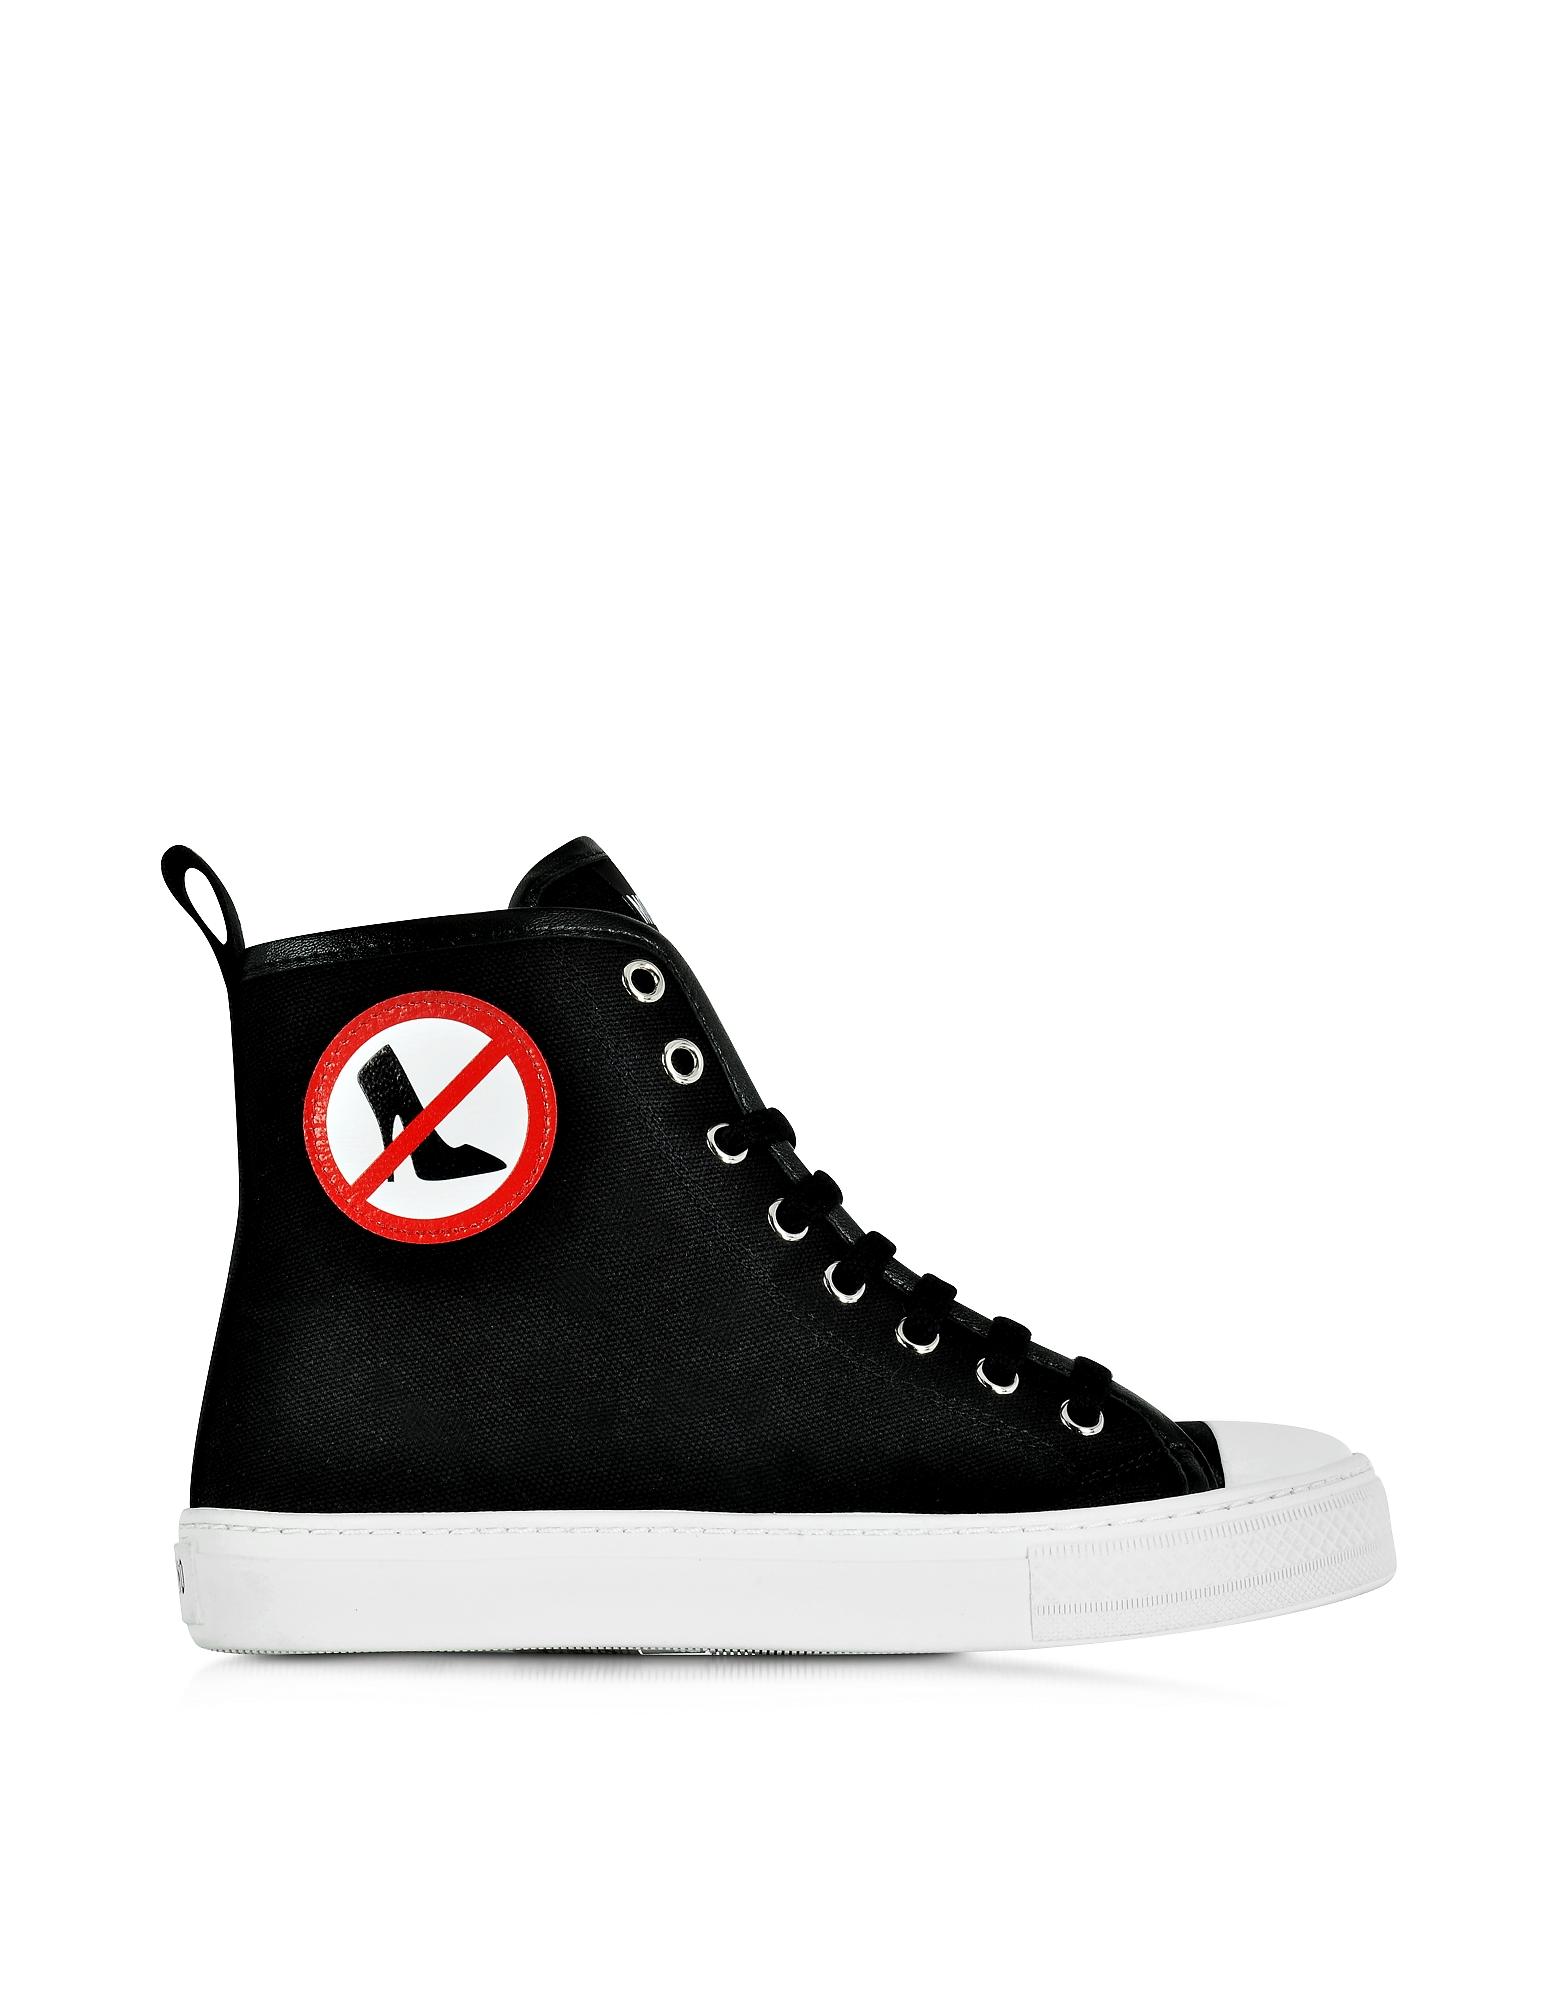 No Heels - Высокие Черные Кроссовки из Ткани